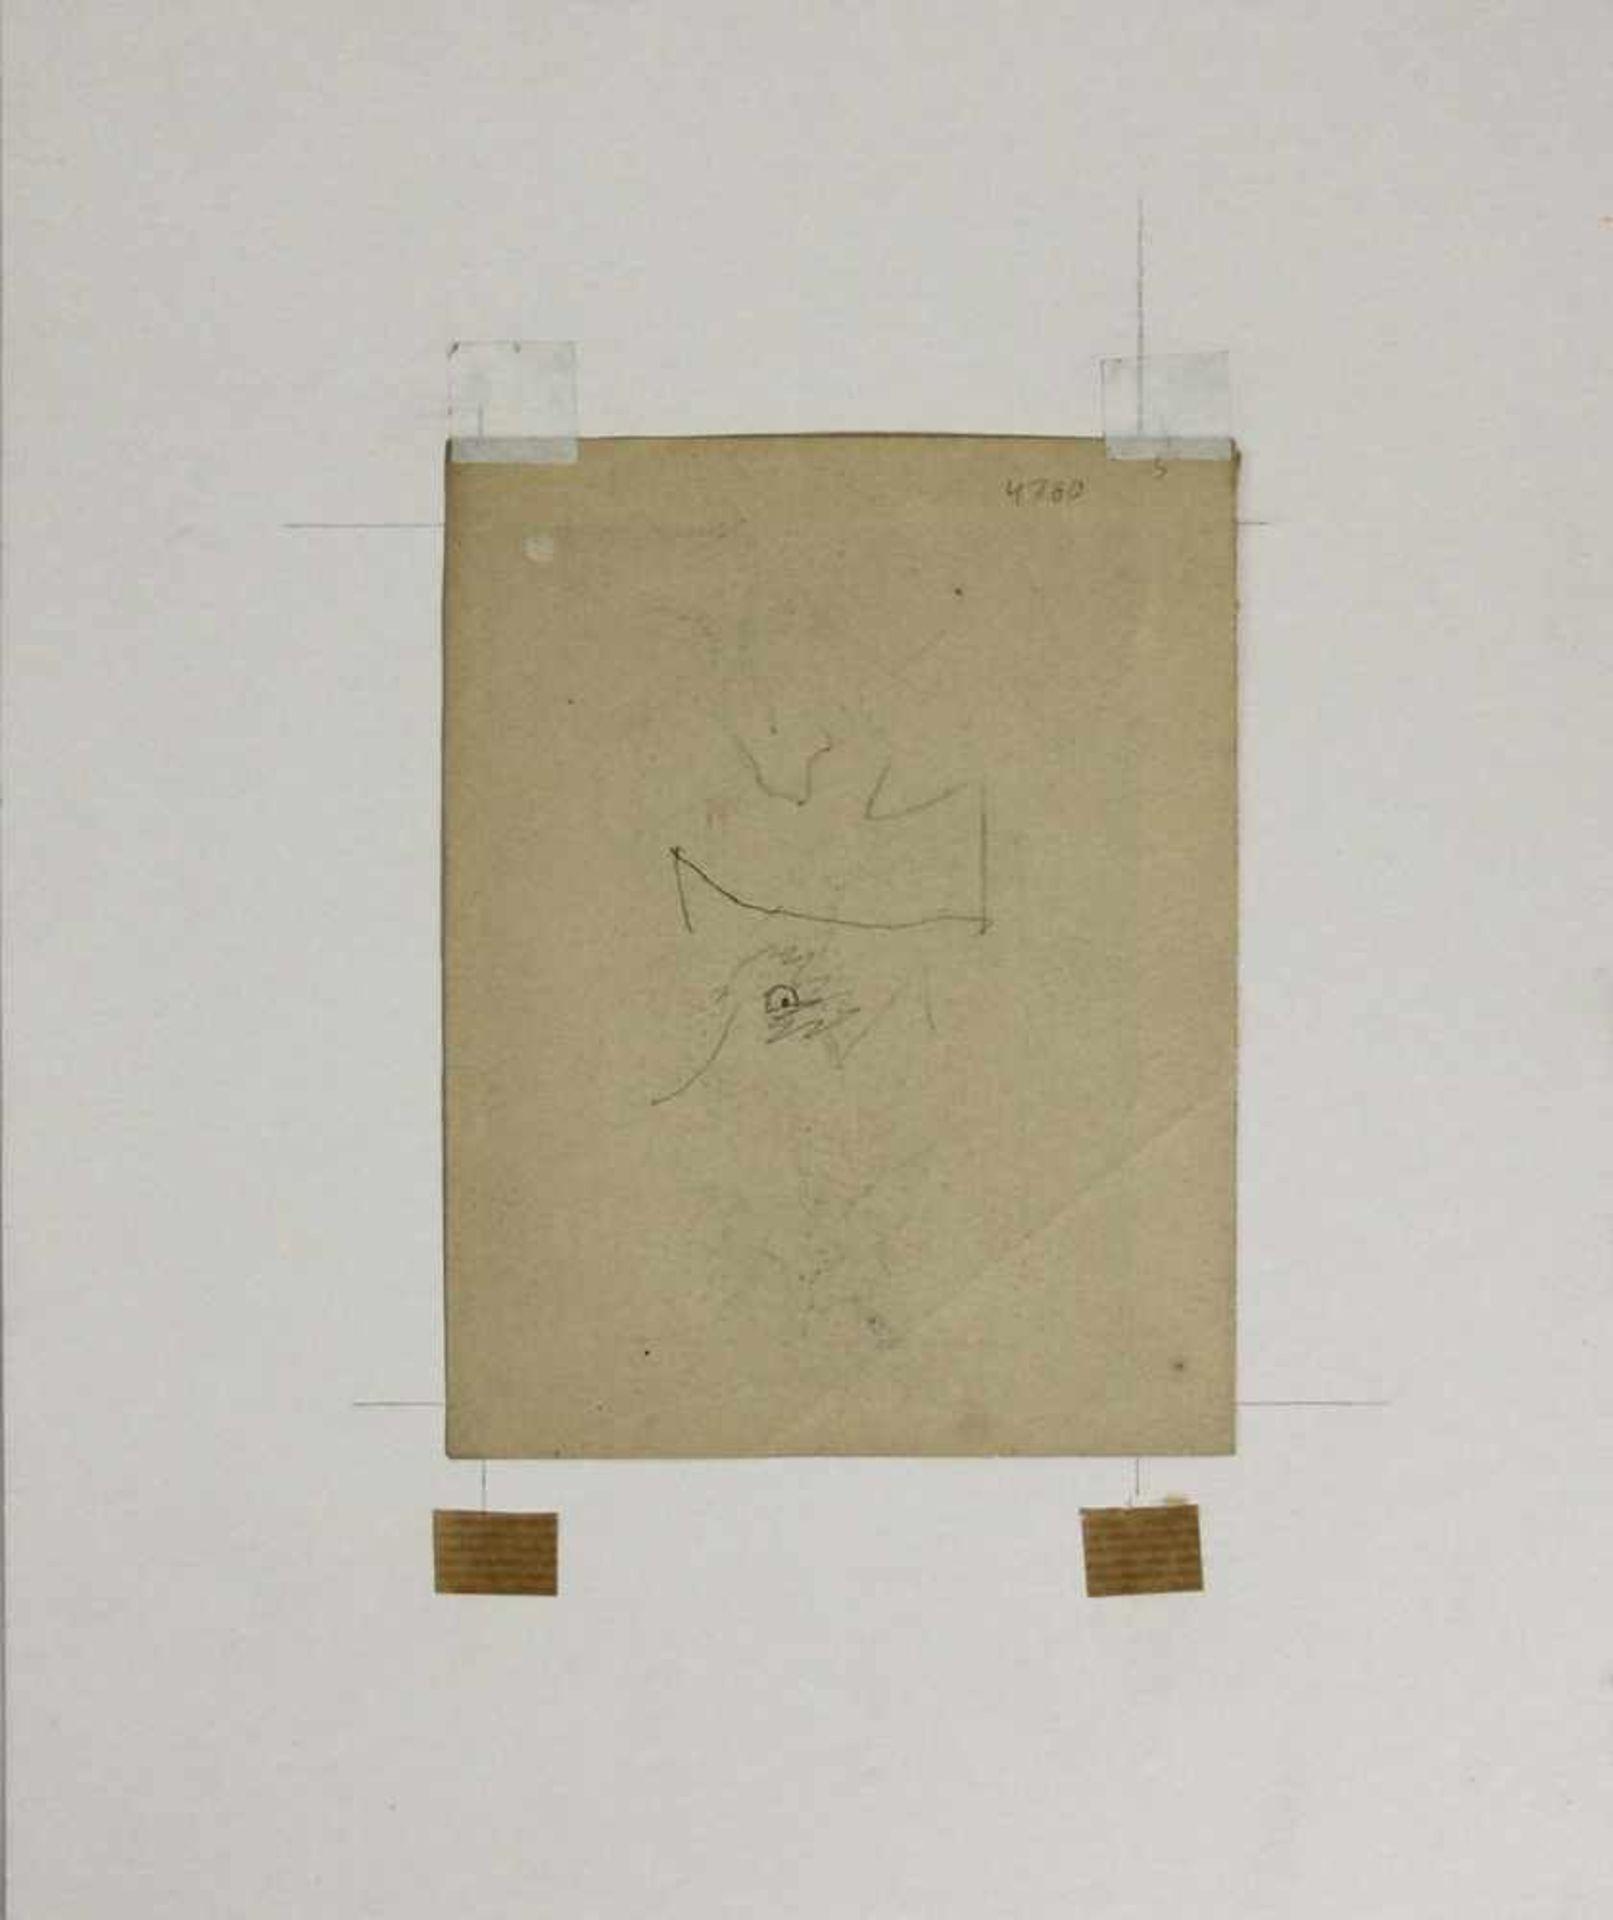 Ludwig Heinrich Jungnickel 1881-1965 Reier & Fuchs Graphit 16 x 12,5 - Bild 3 aus 3